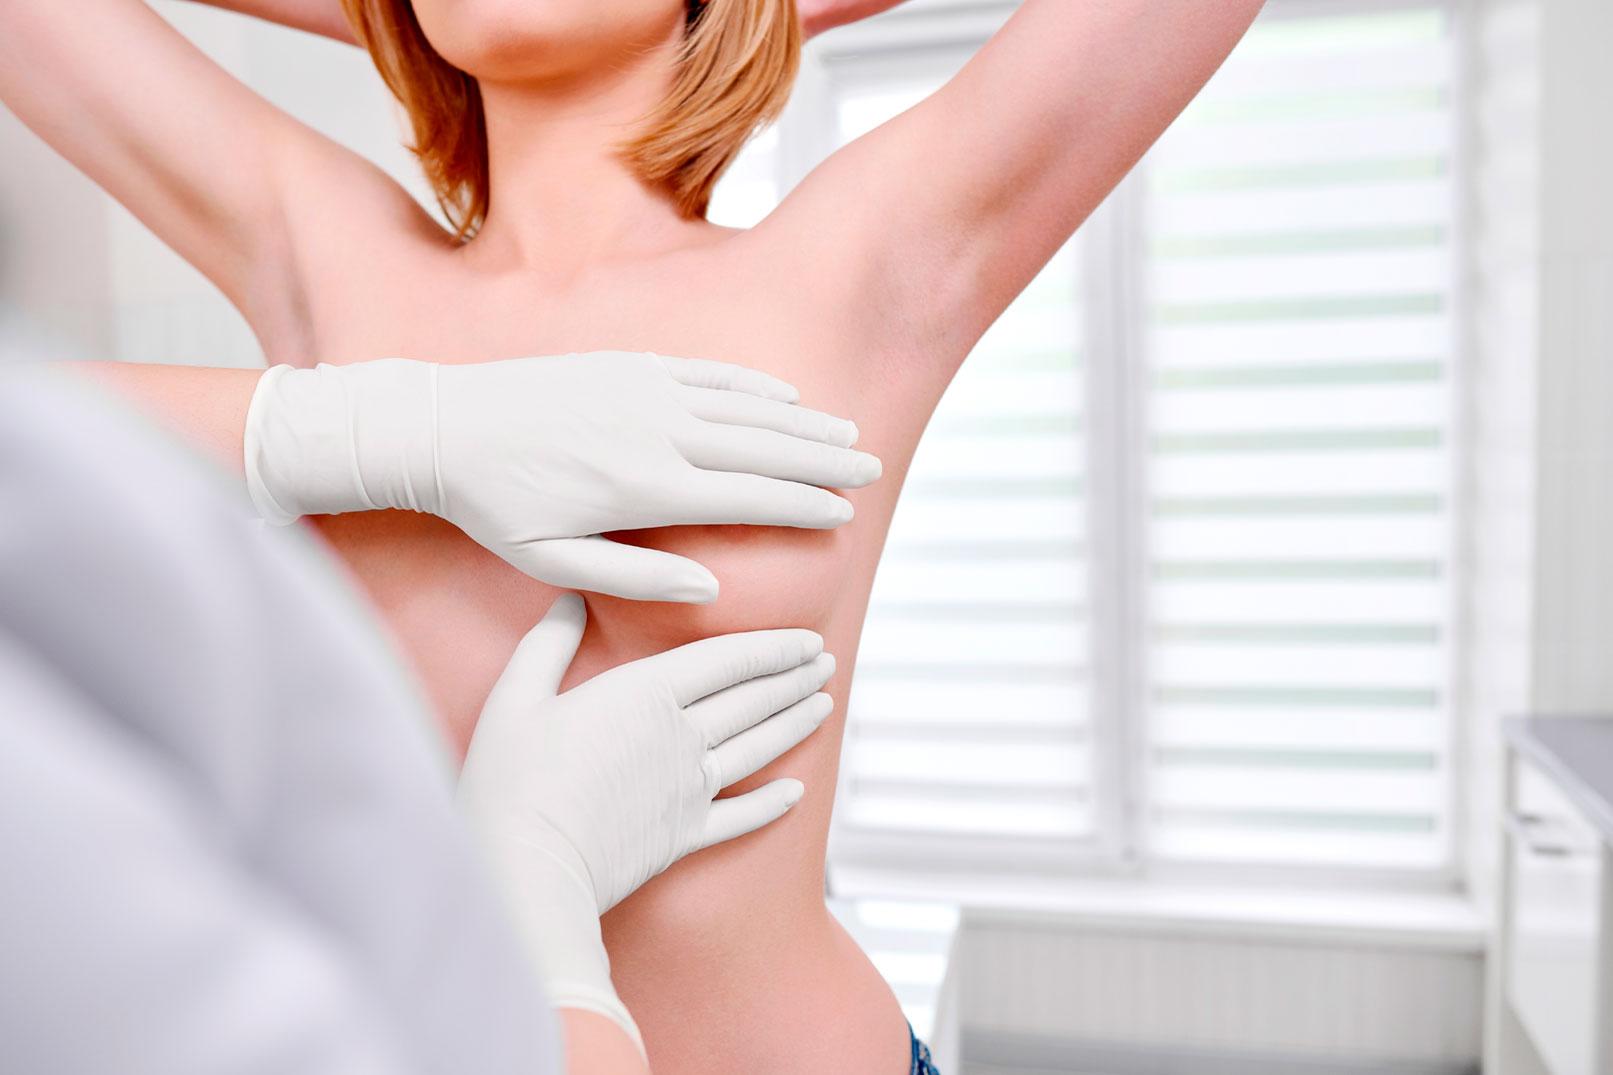 Perjeta en combinación con trastuzumab durante un año incrementa las posibilidades de curación del cáncer de mama precoz HER2+ en pacientes con alto riesgo de recaída